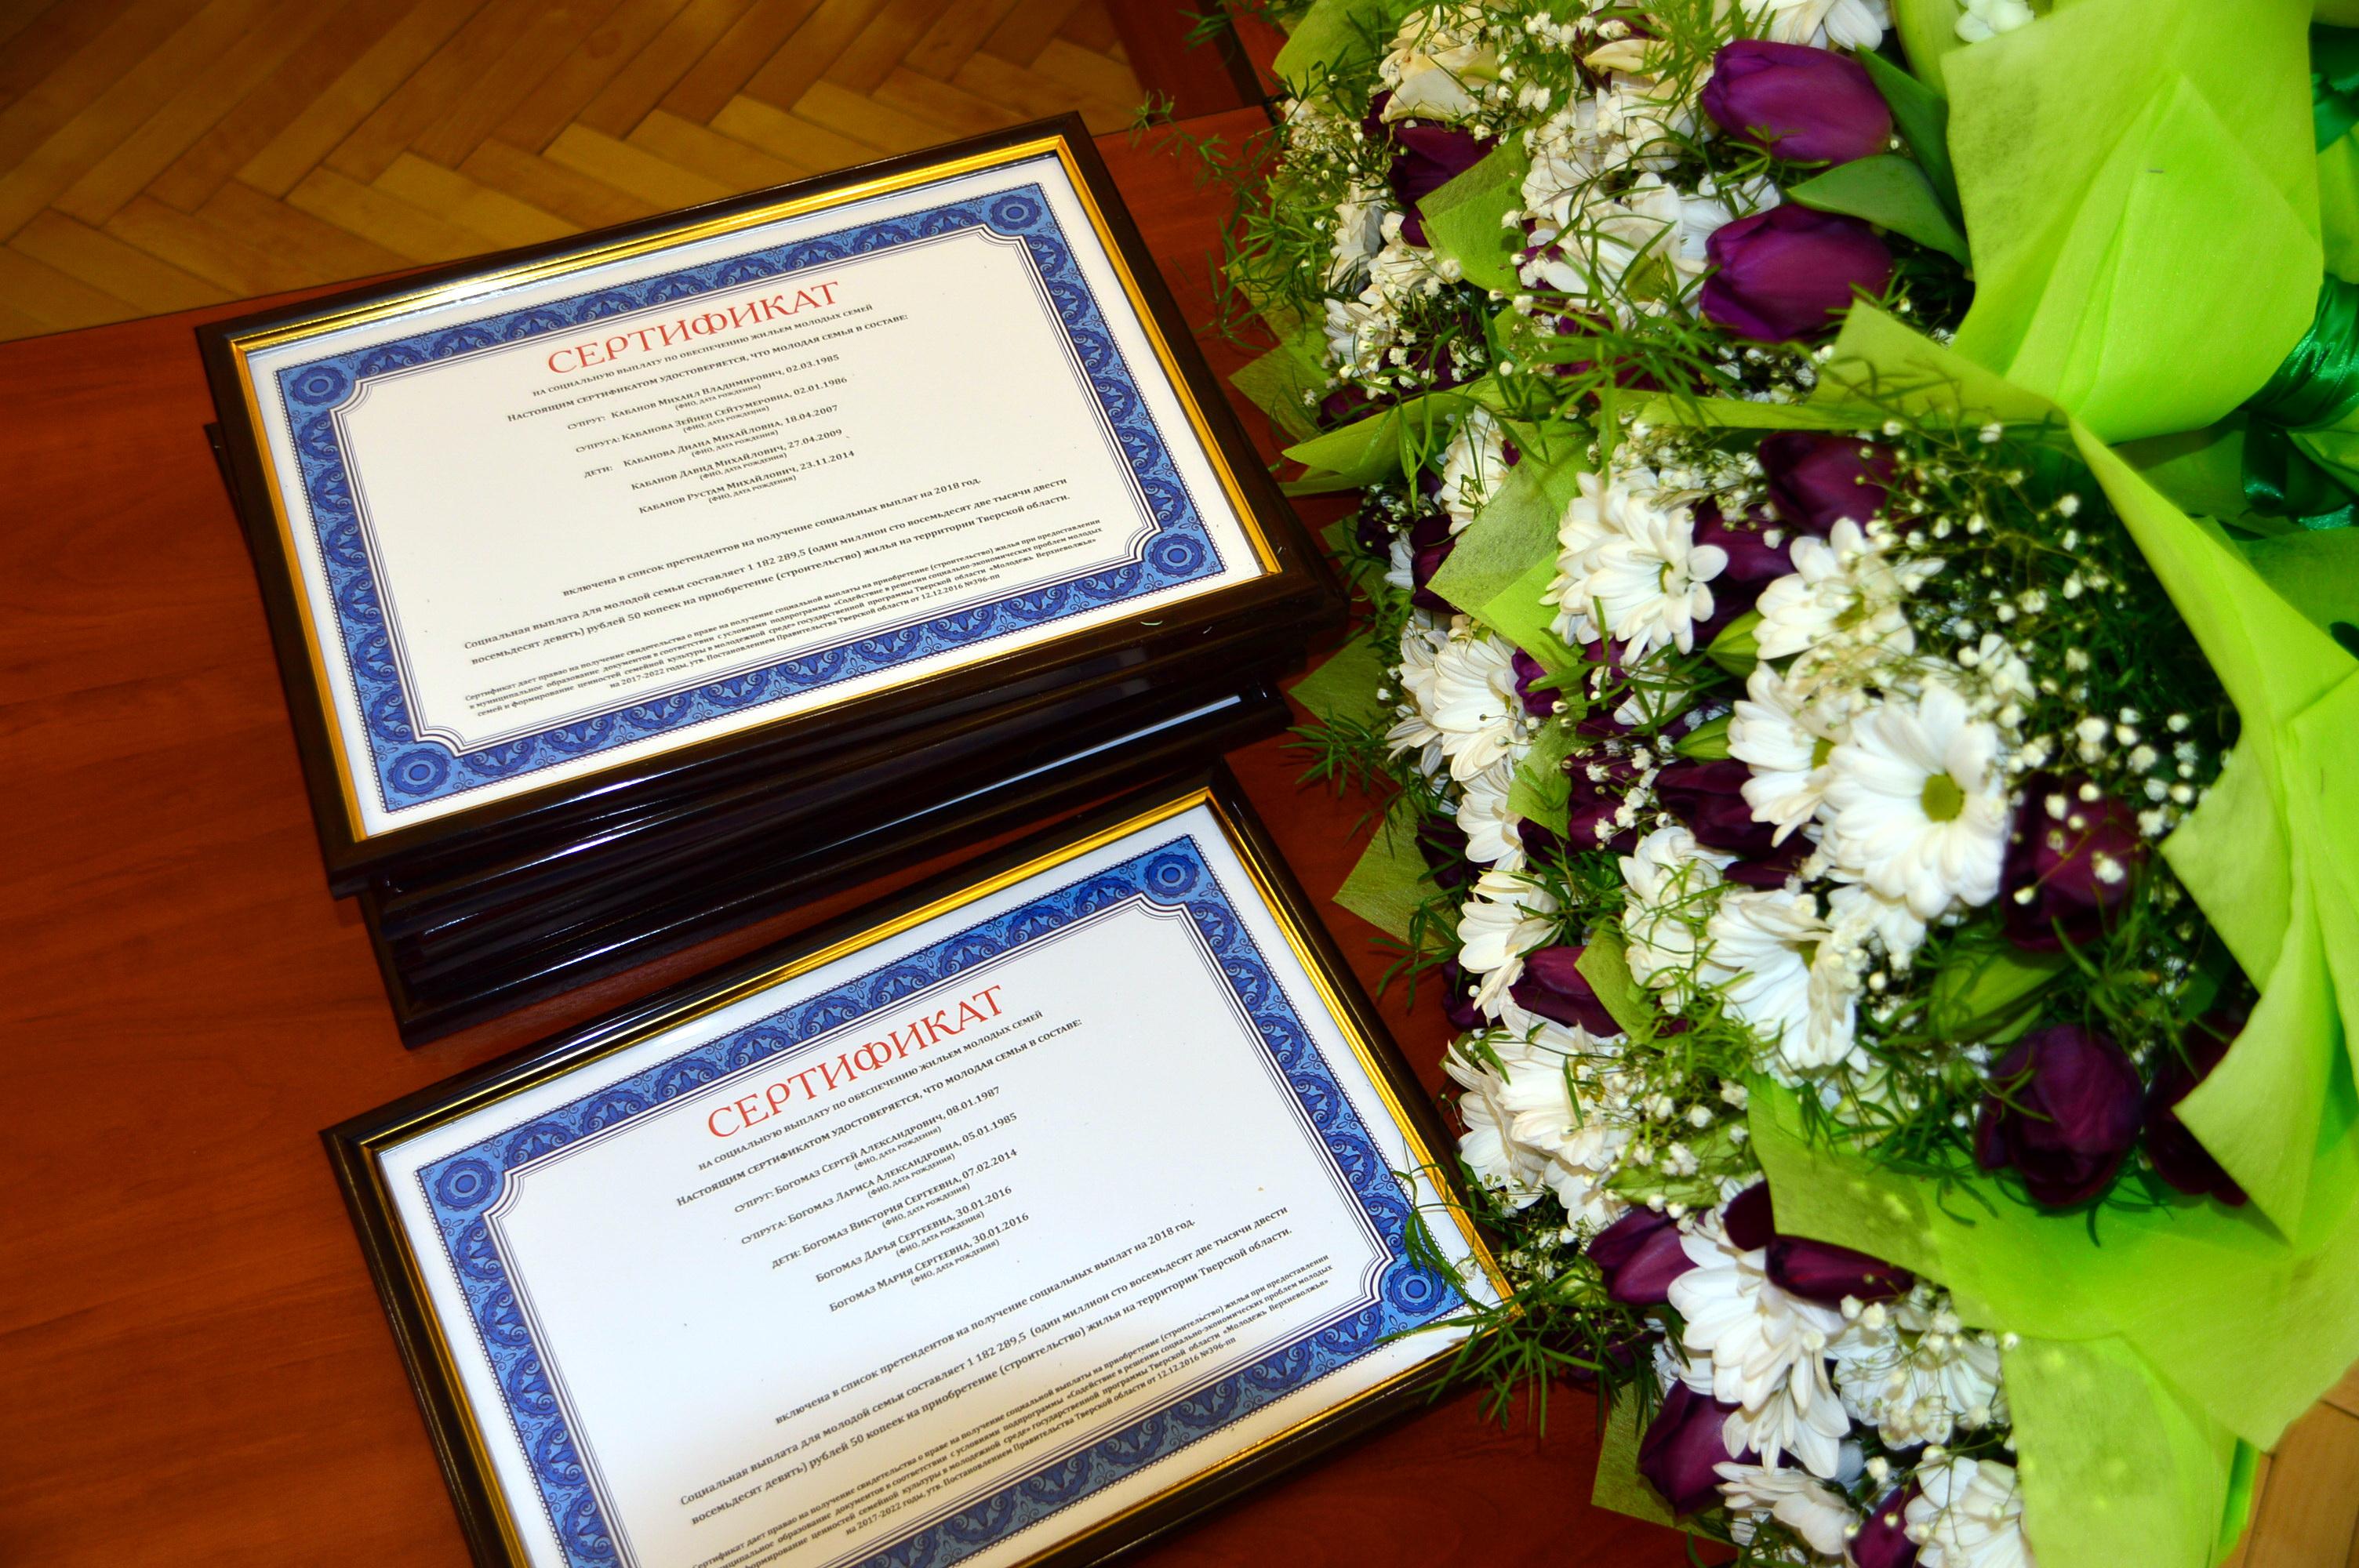 В городе Шарье Костромской области молодым семьям выдали сертификаты на улучшение жилищных условий